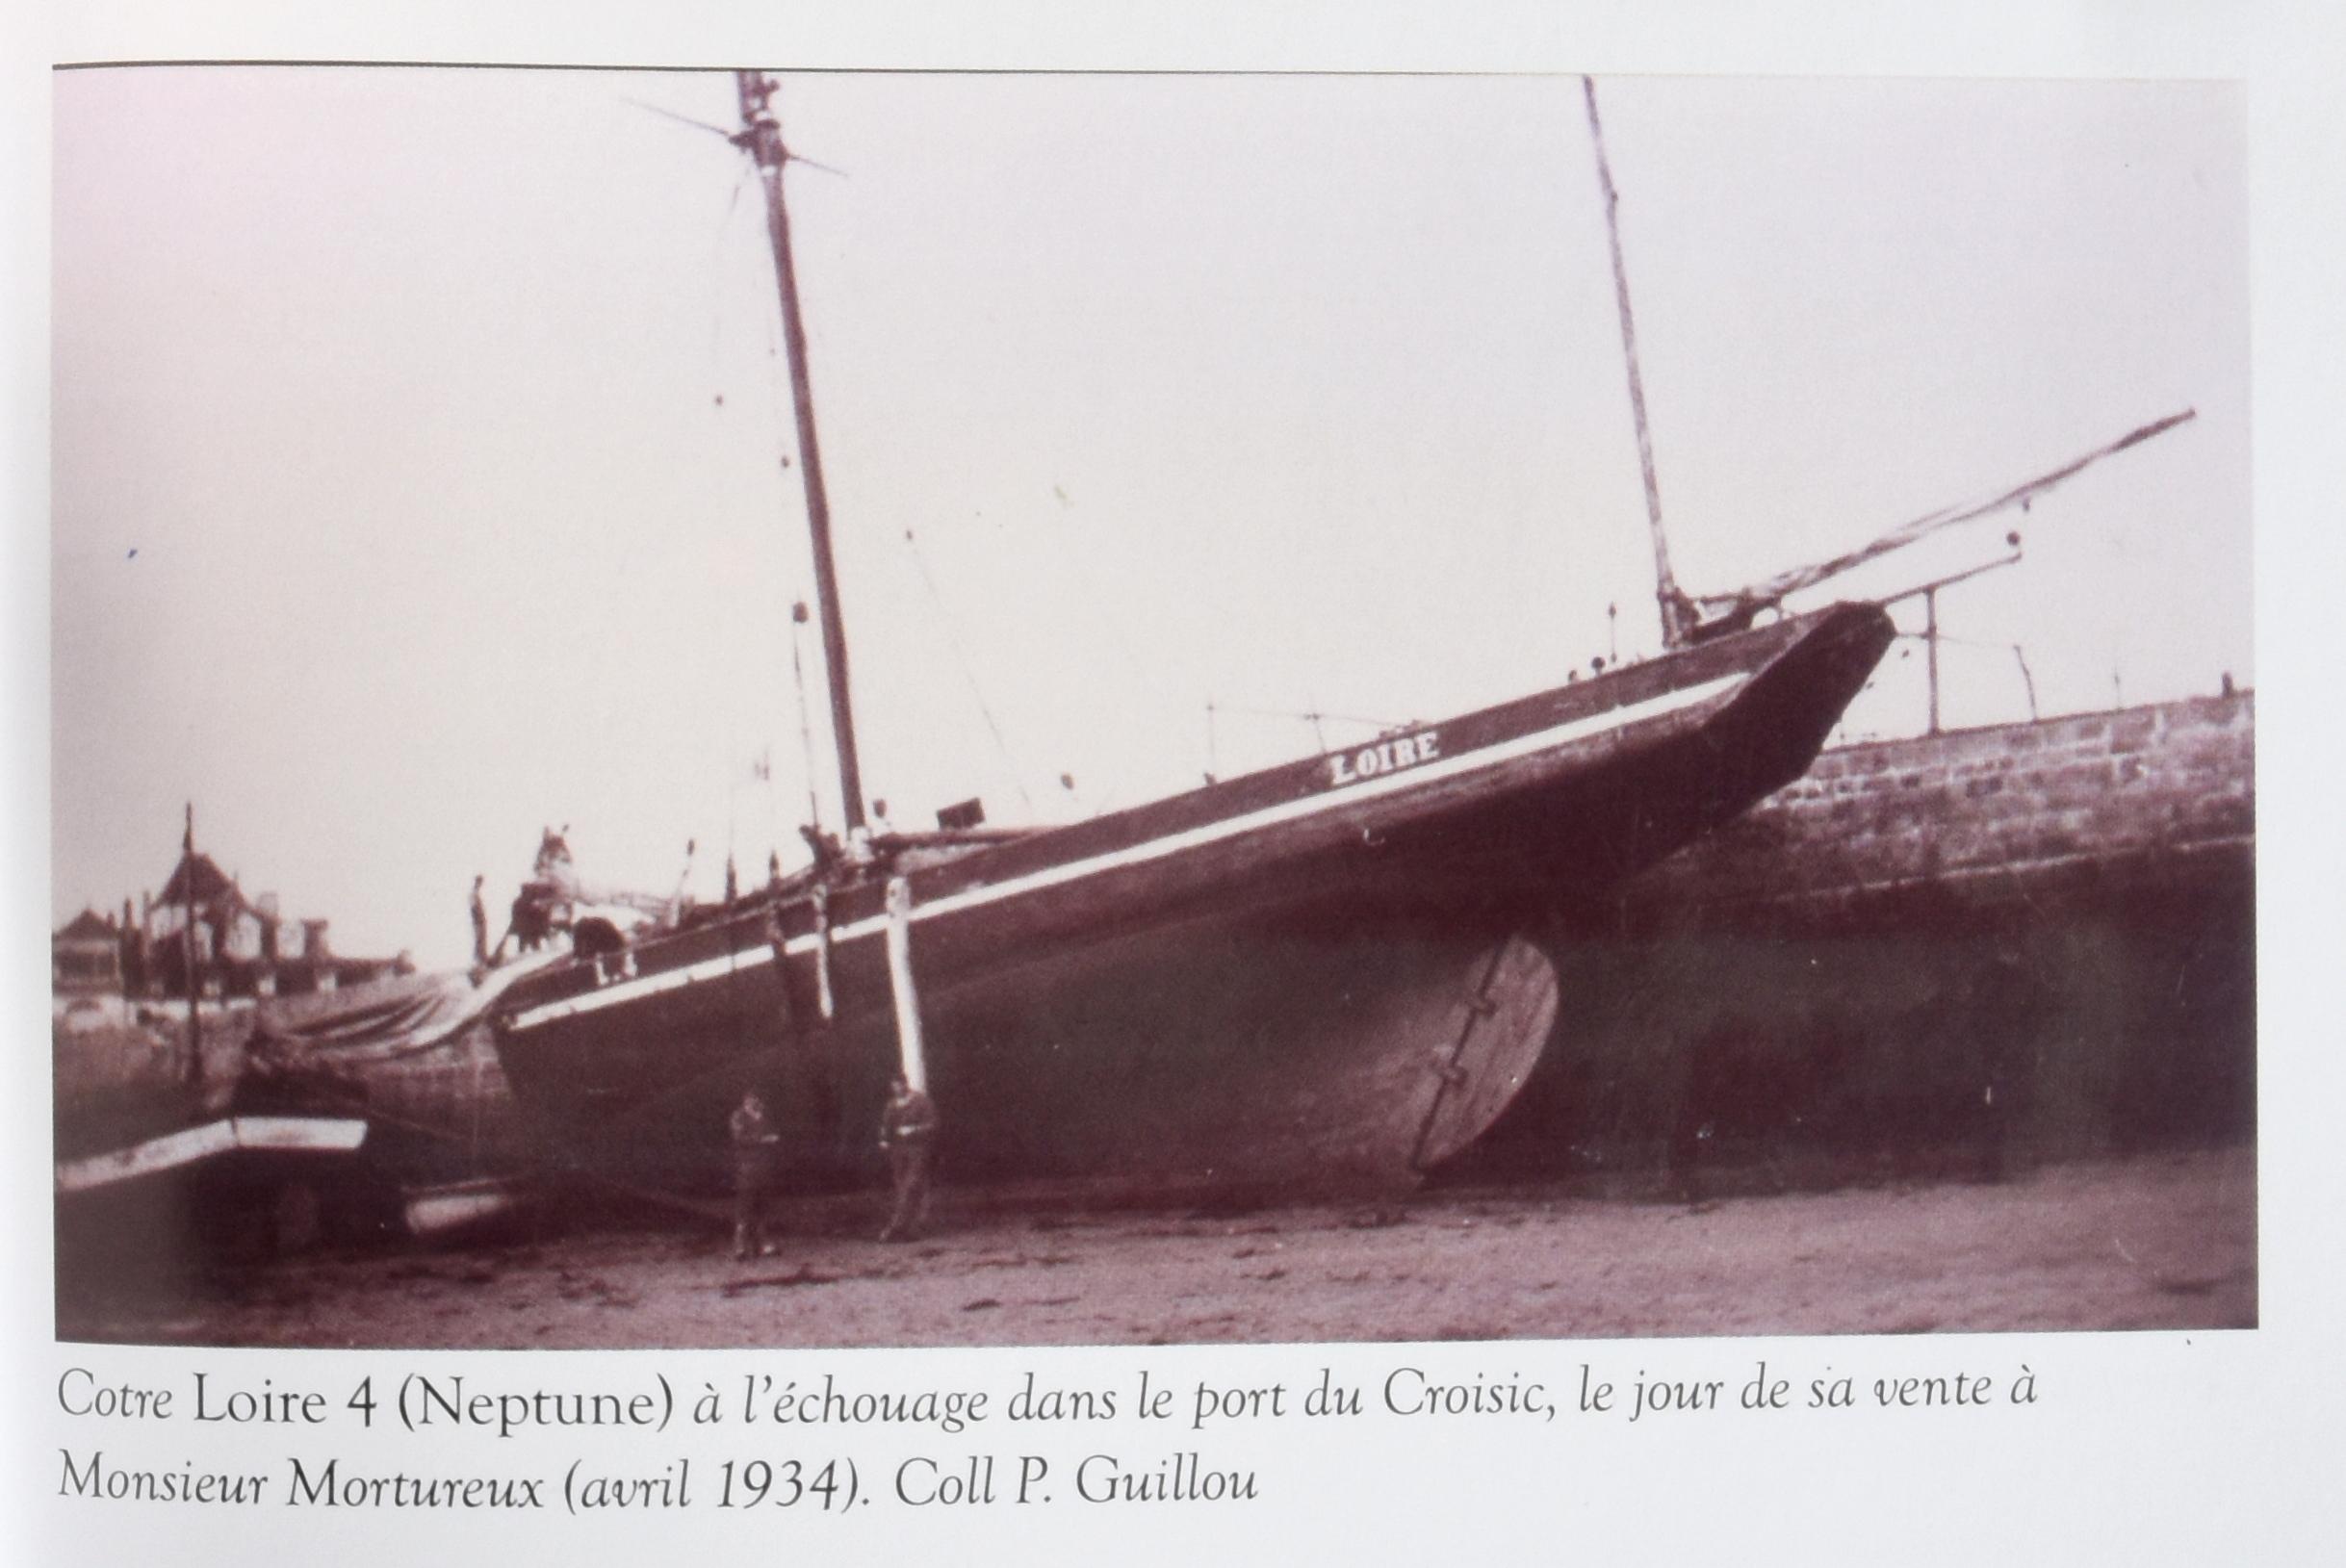 recherche des plans d'un modèle de yacht classique télécommandable inachevé - Page 2 17102002532475769